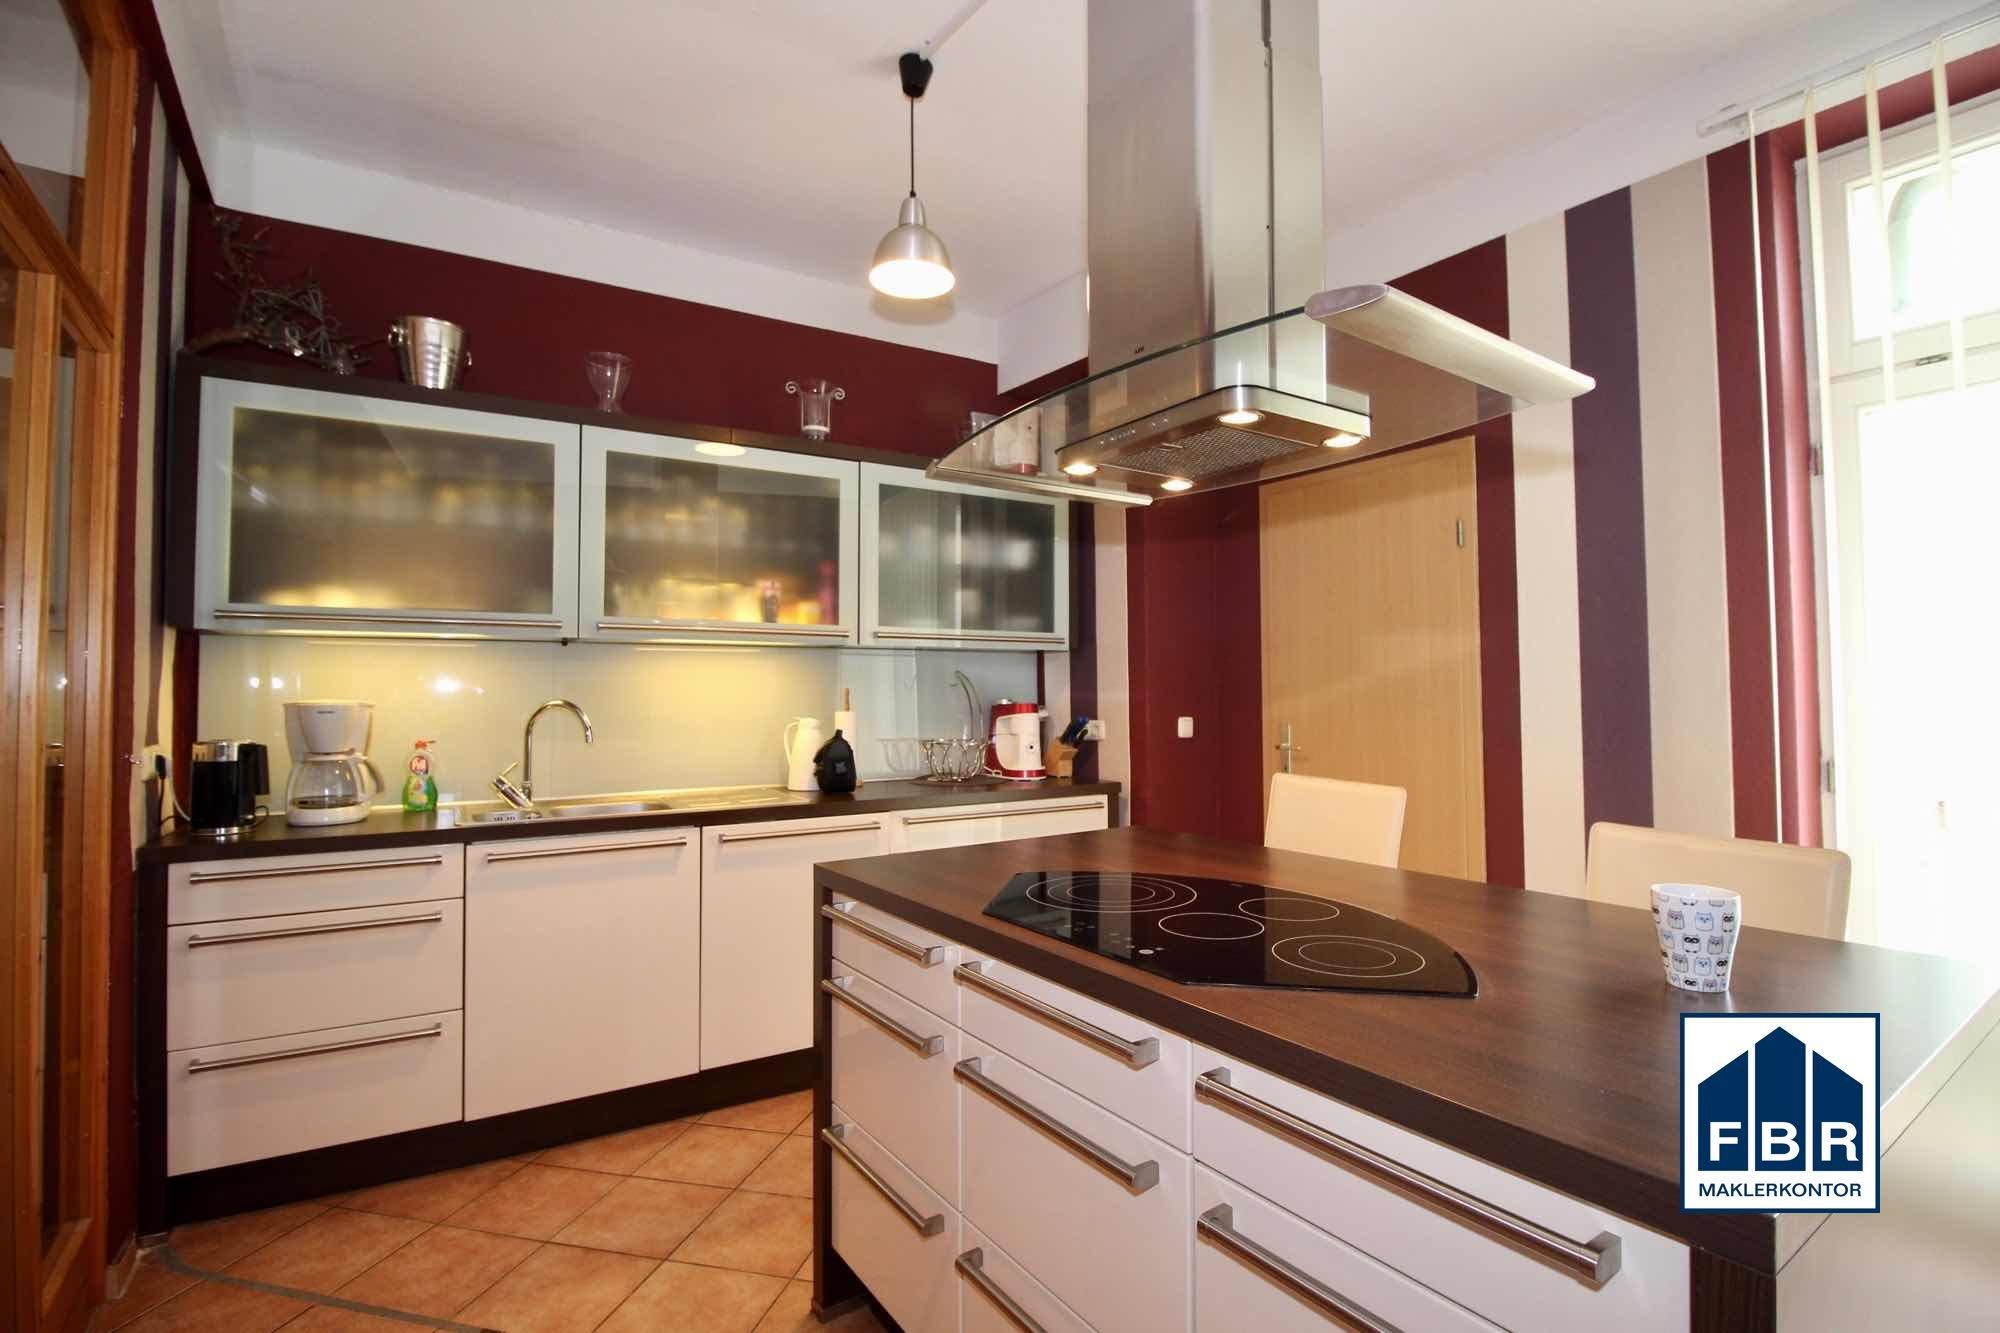 Küche weitere Ansicht